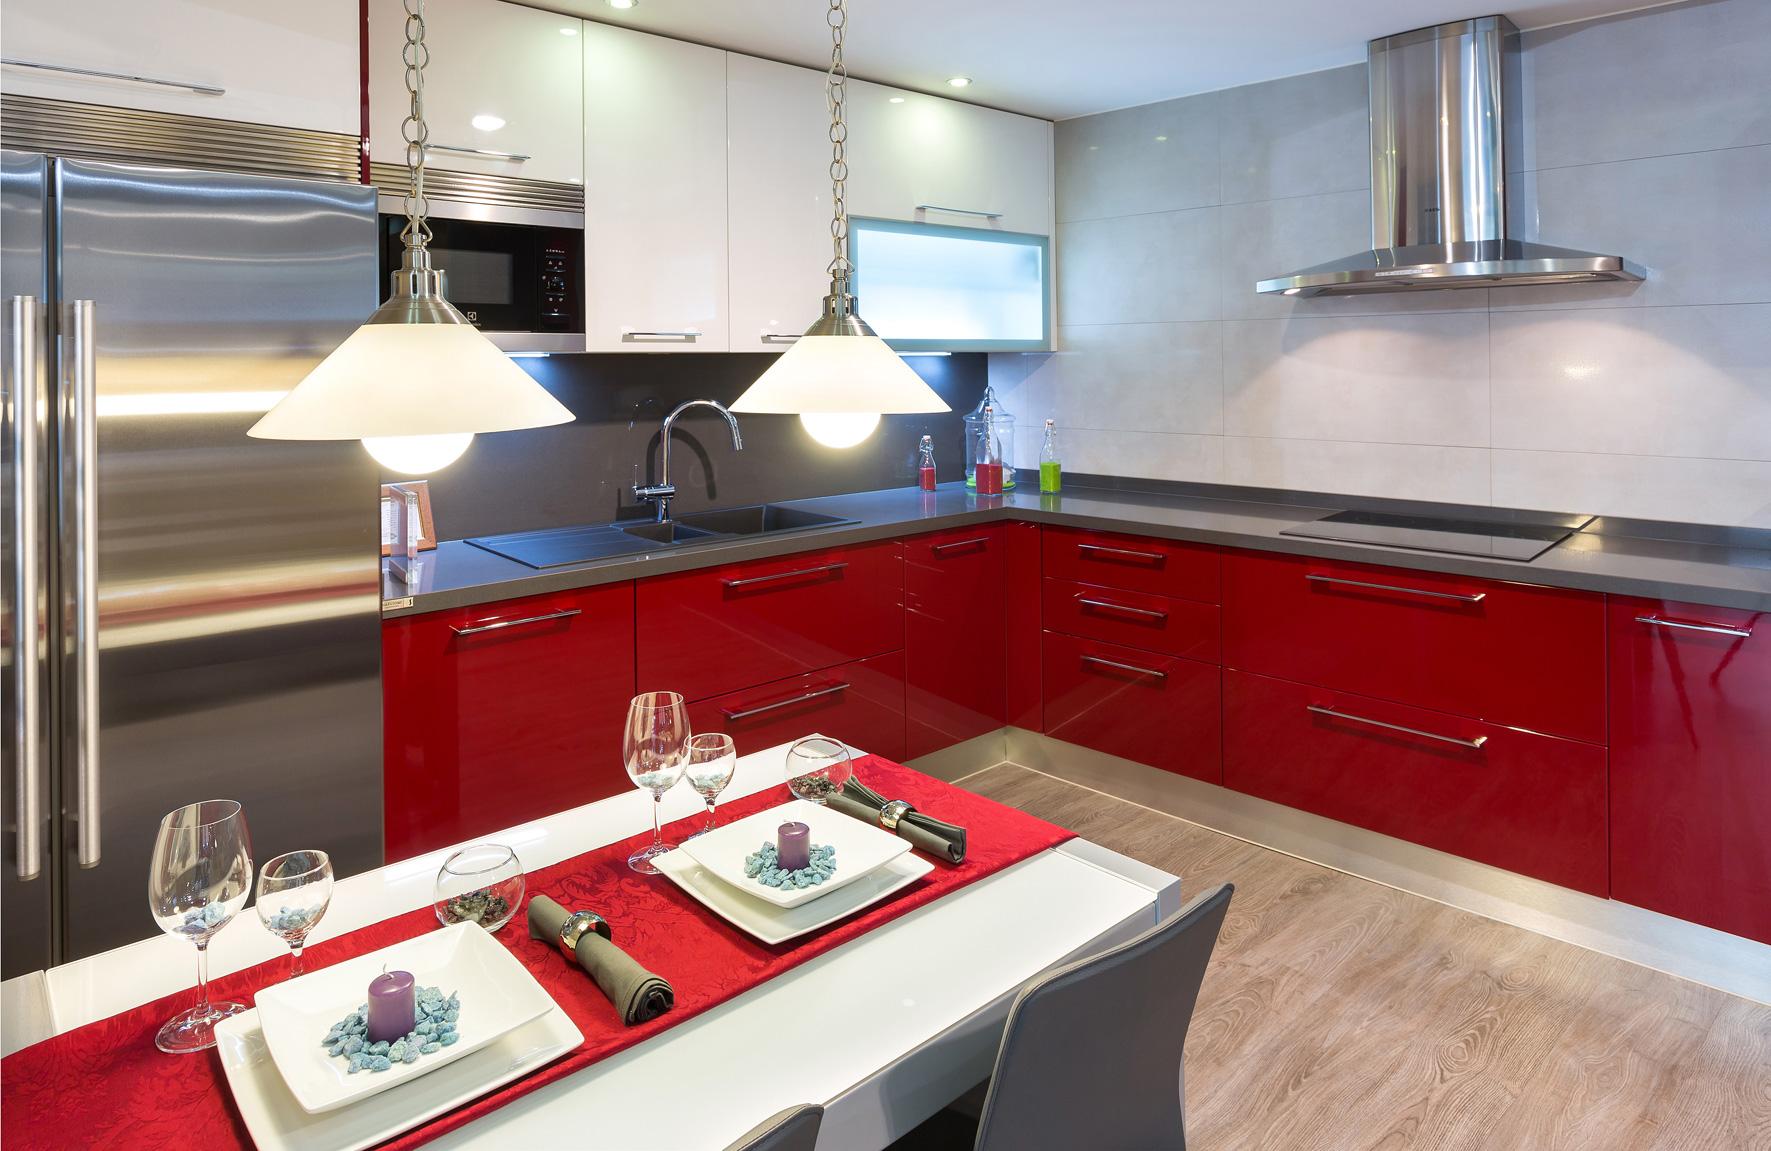 Bonito venta liquidaciones cocinas im genes muebles de - Stock cocinas liquidacion ...